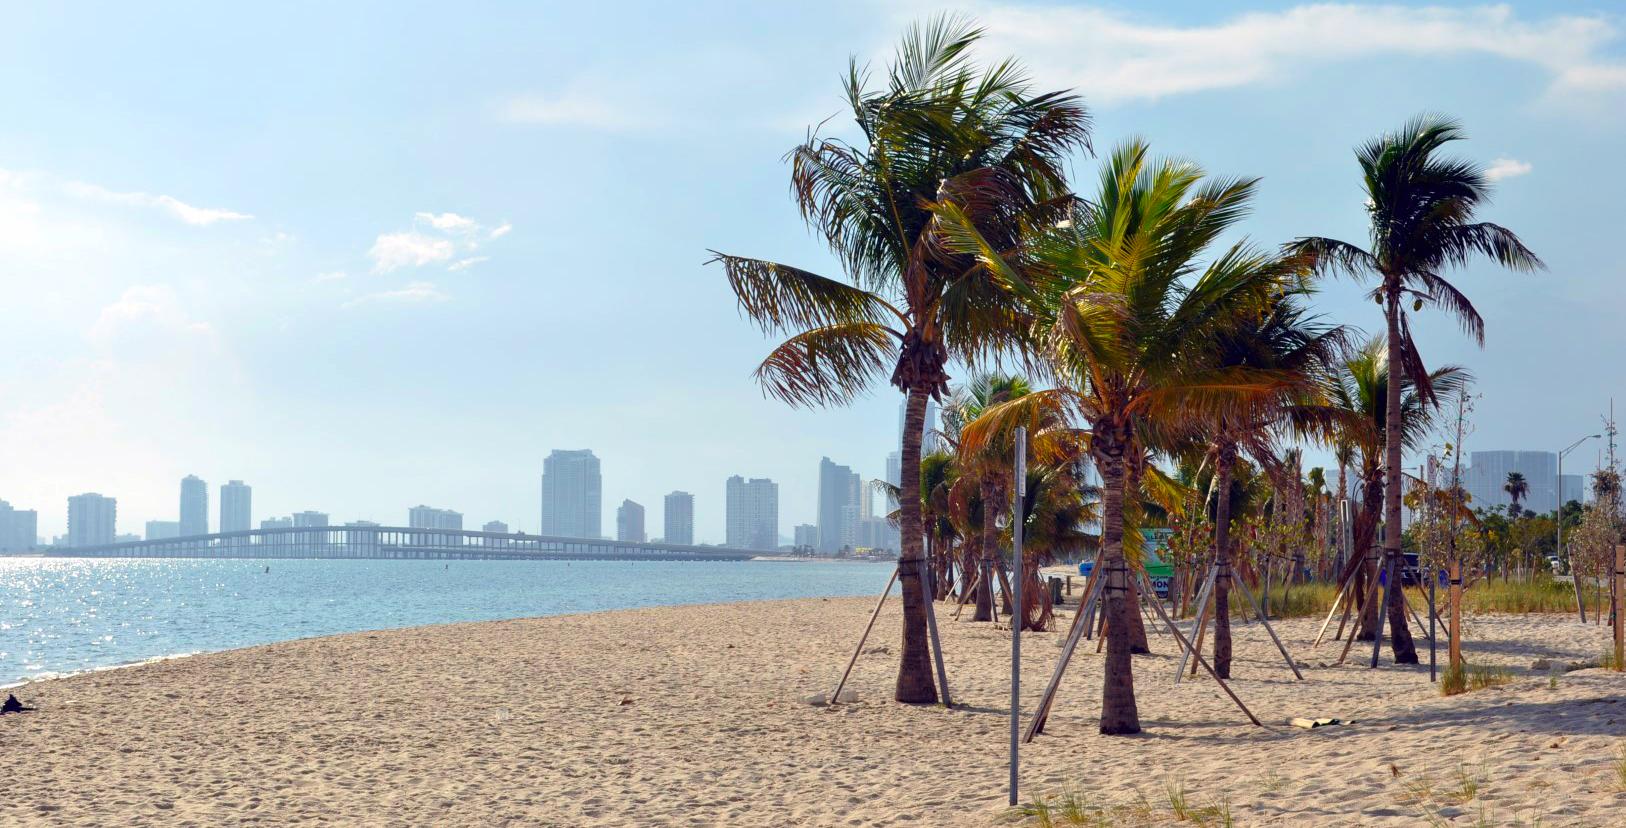 Qué hacer y ver en Miami, Florida Qué hacer y ver en Miami Qué hacer y ver en Miami 31012053710 592dba416b o